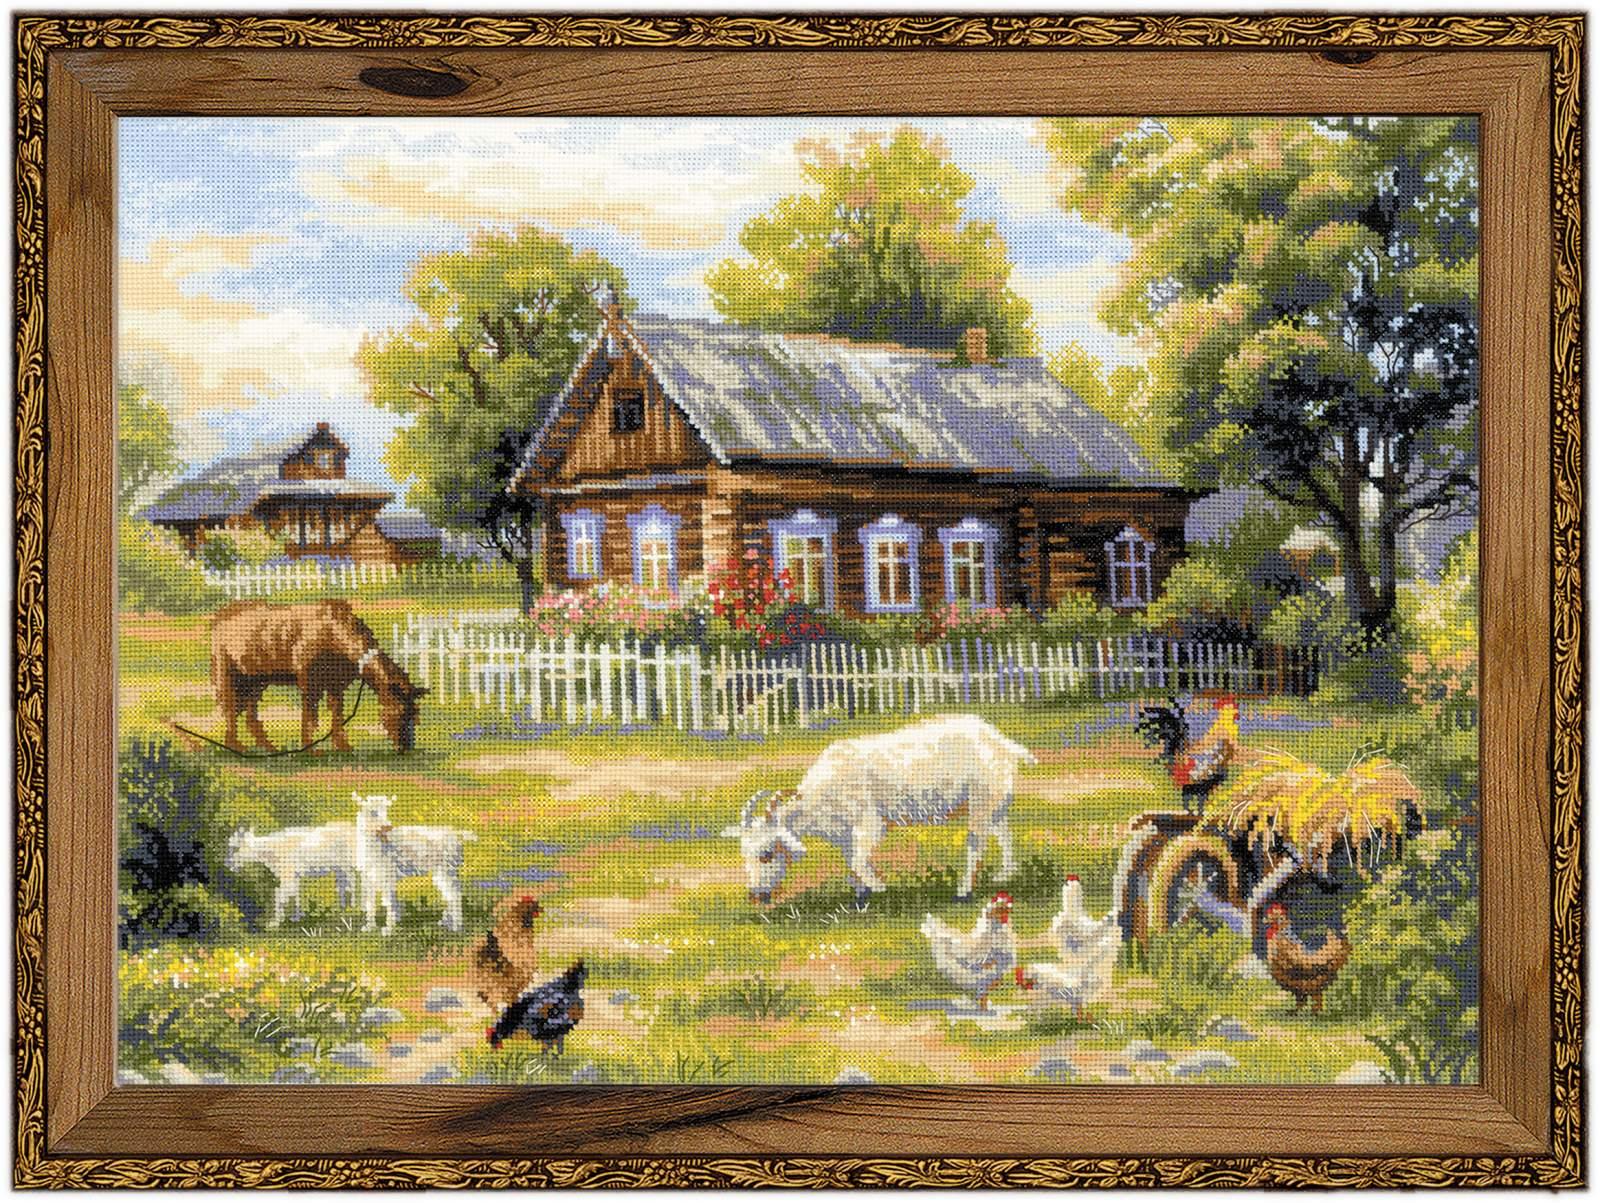 Наборы для вышивания Риолис купить в Минске Каталог вышивки